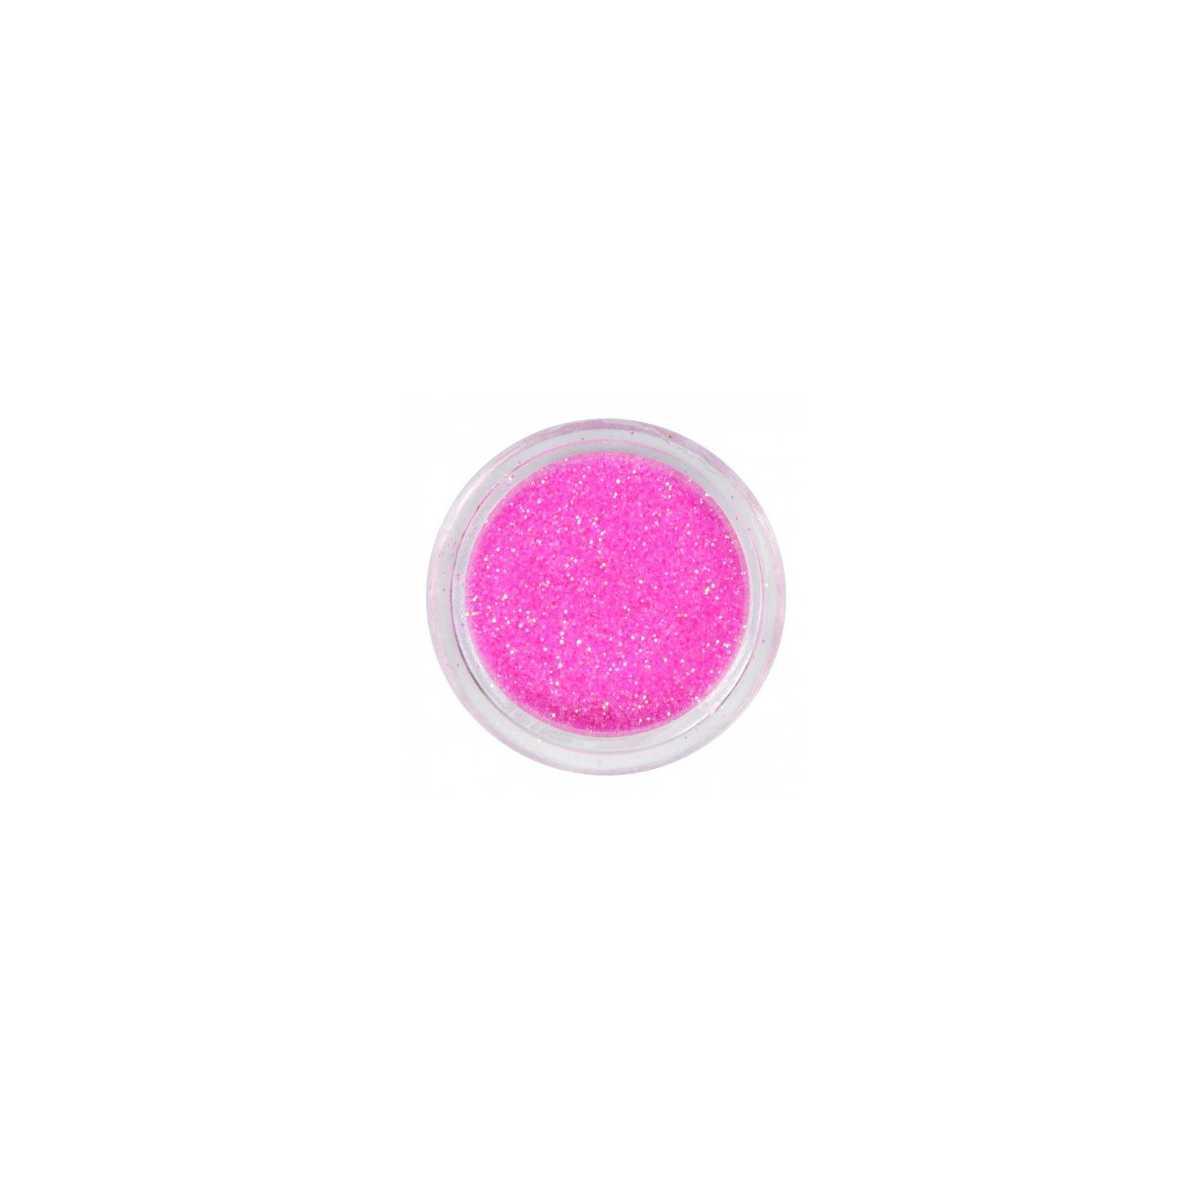 https://www.kit-manucure.com/1685-thickbox_default/paillettes-pour-ongles-paillettes-nail-art-rose.jpg